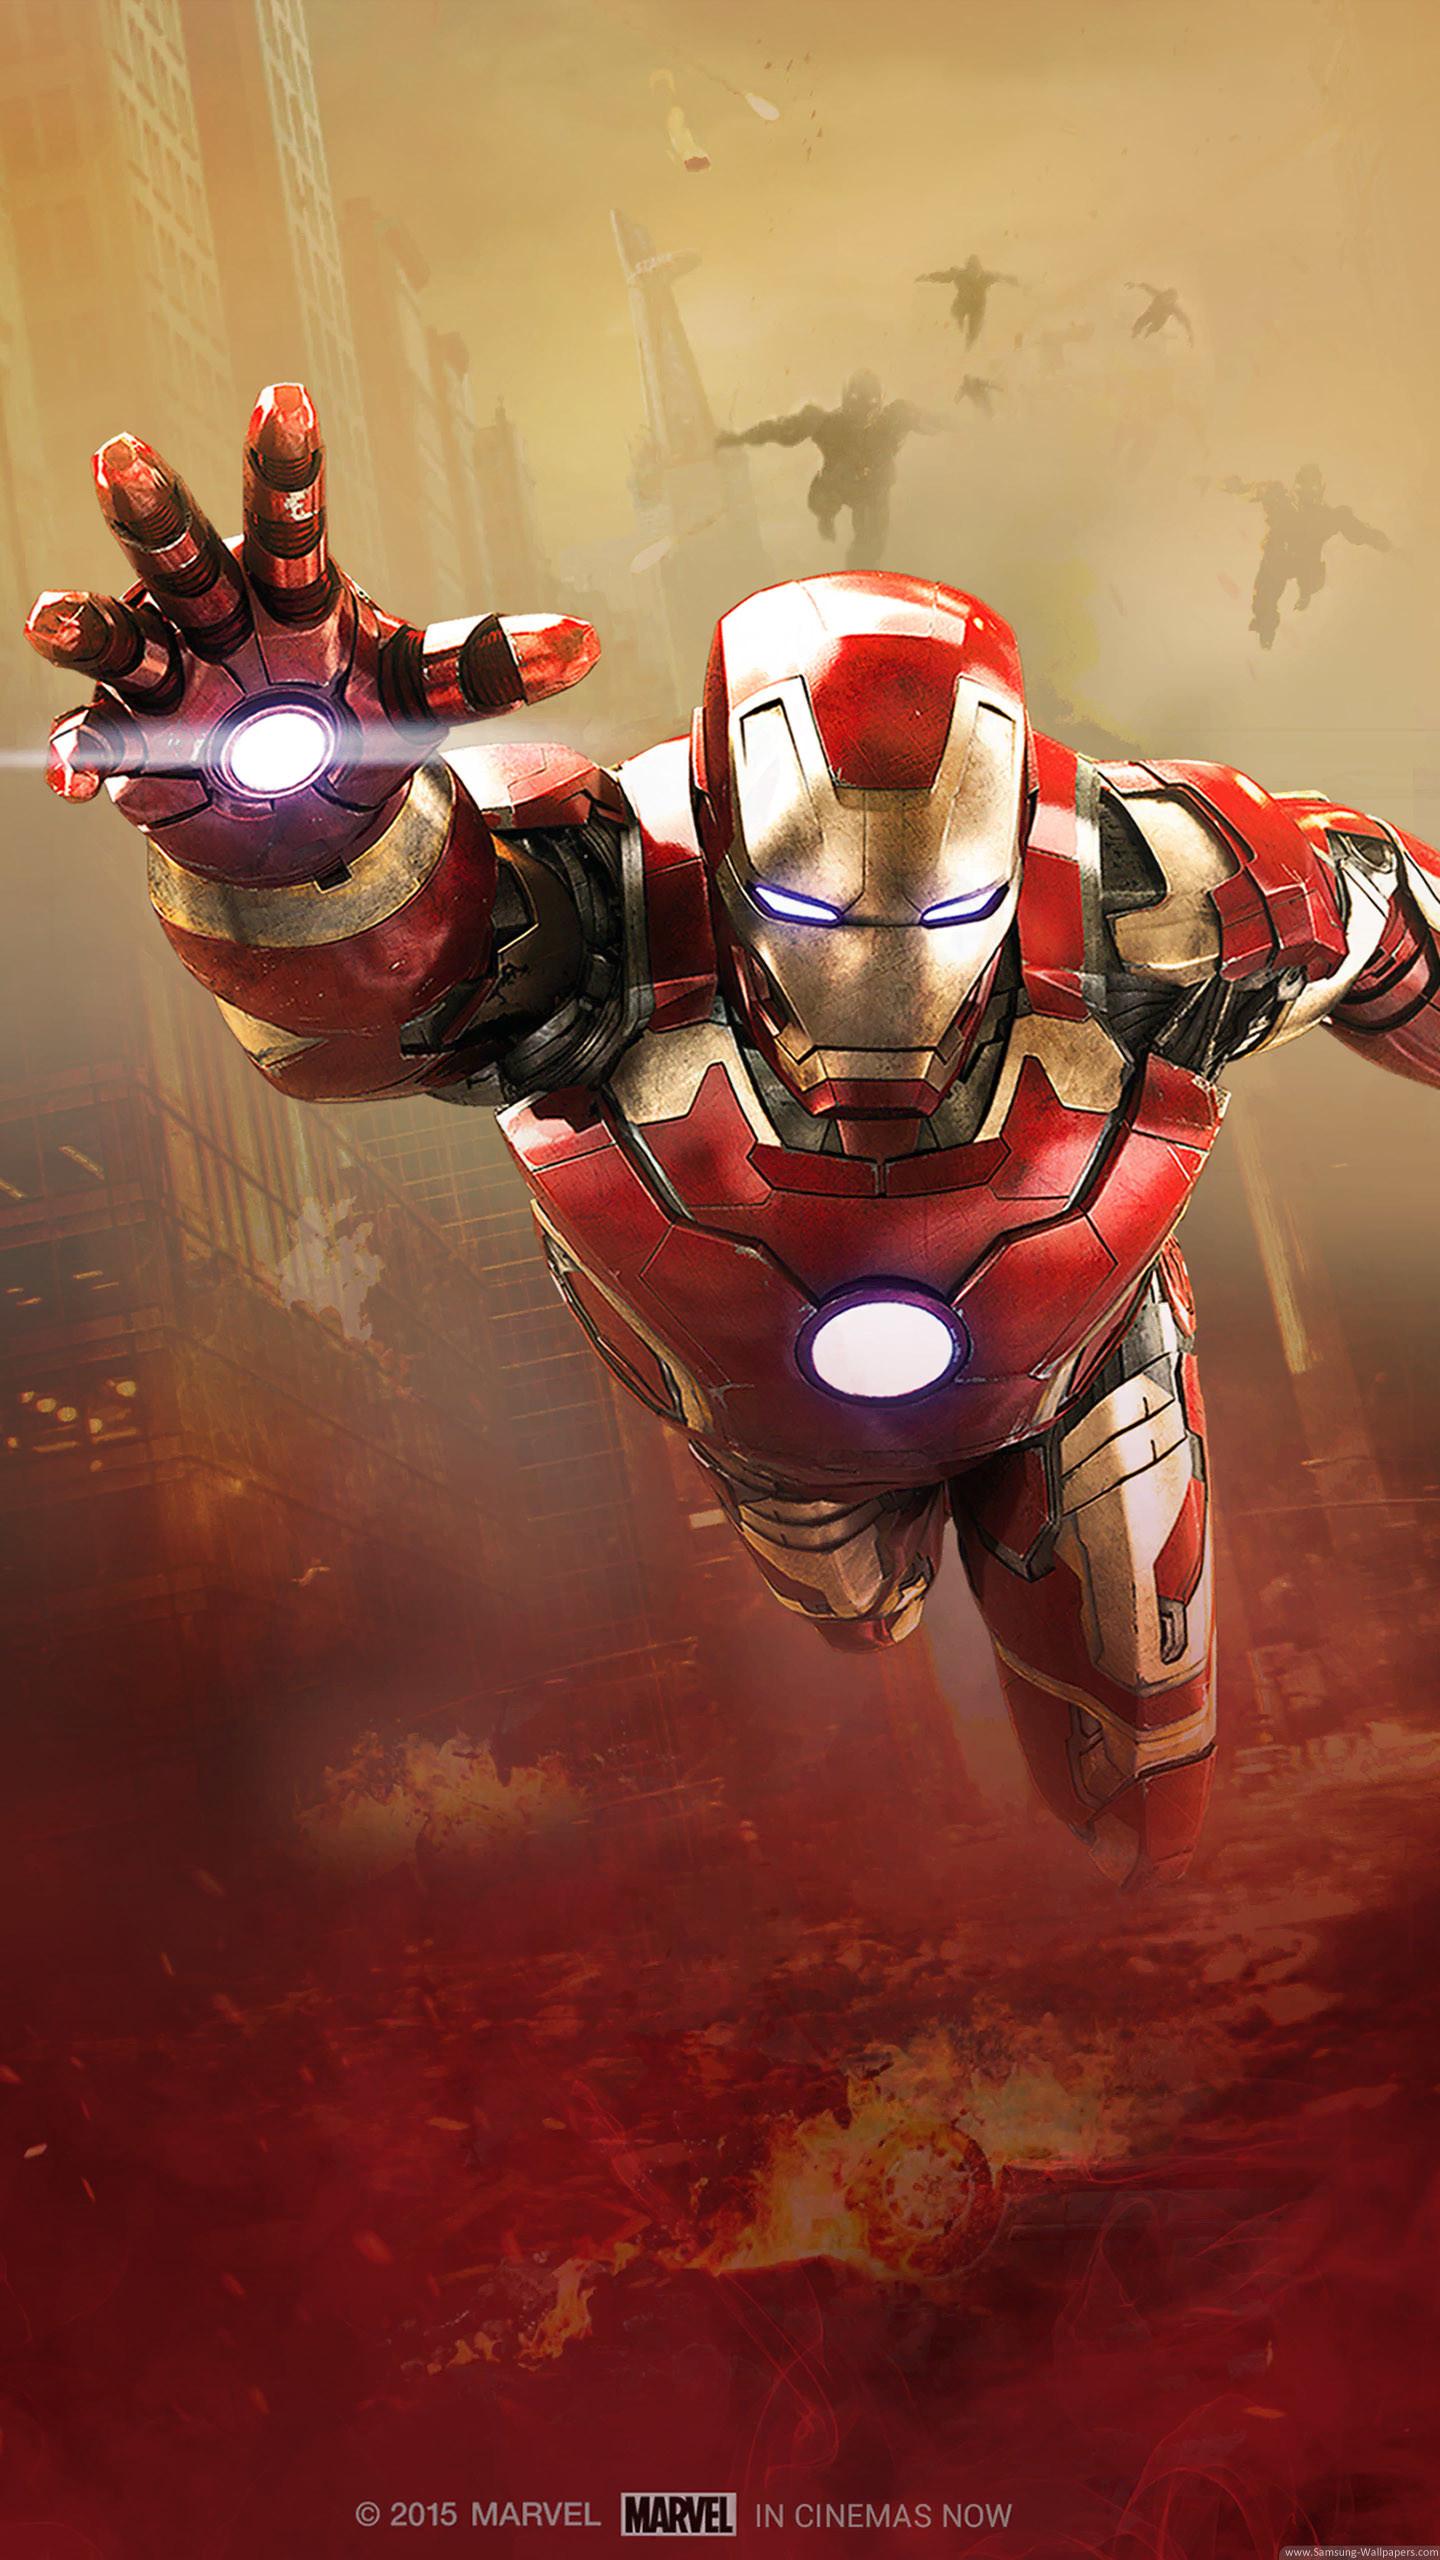 1920x1200 HD Wallpaper | Background ID:378546 · Download · 3840x2160 Iron Man Heartbreaker Artwork 4k